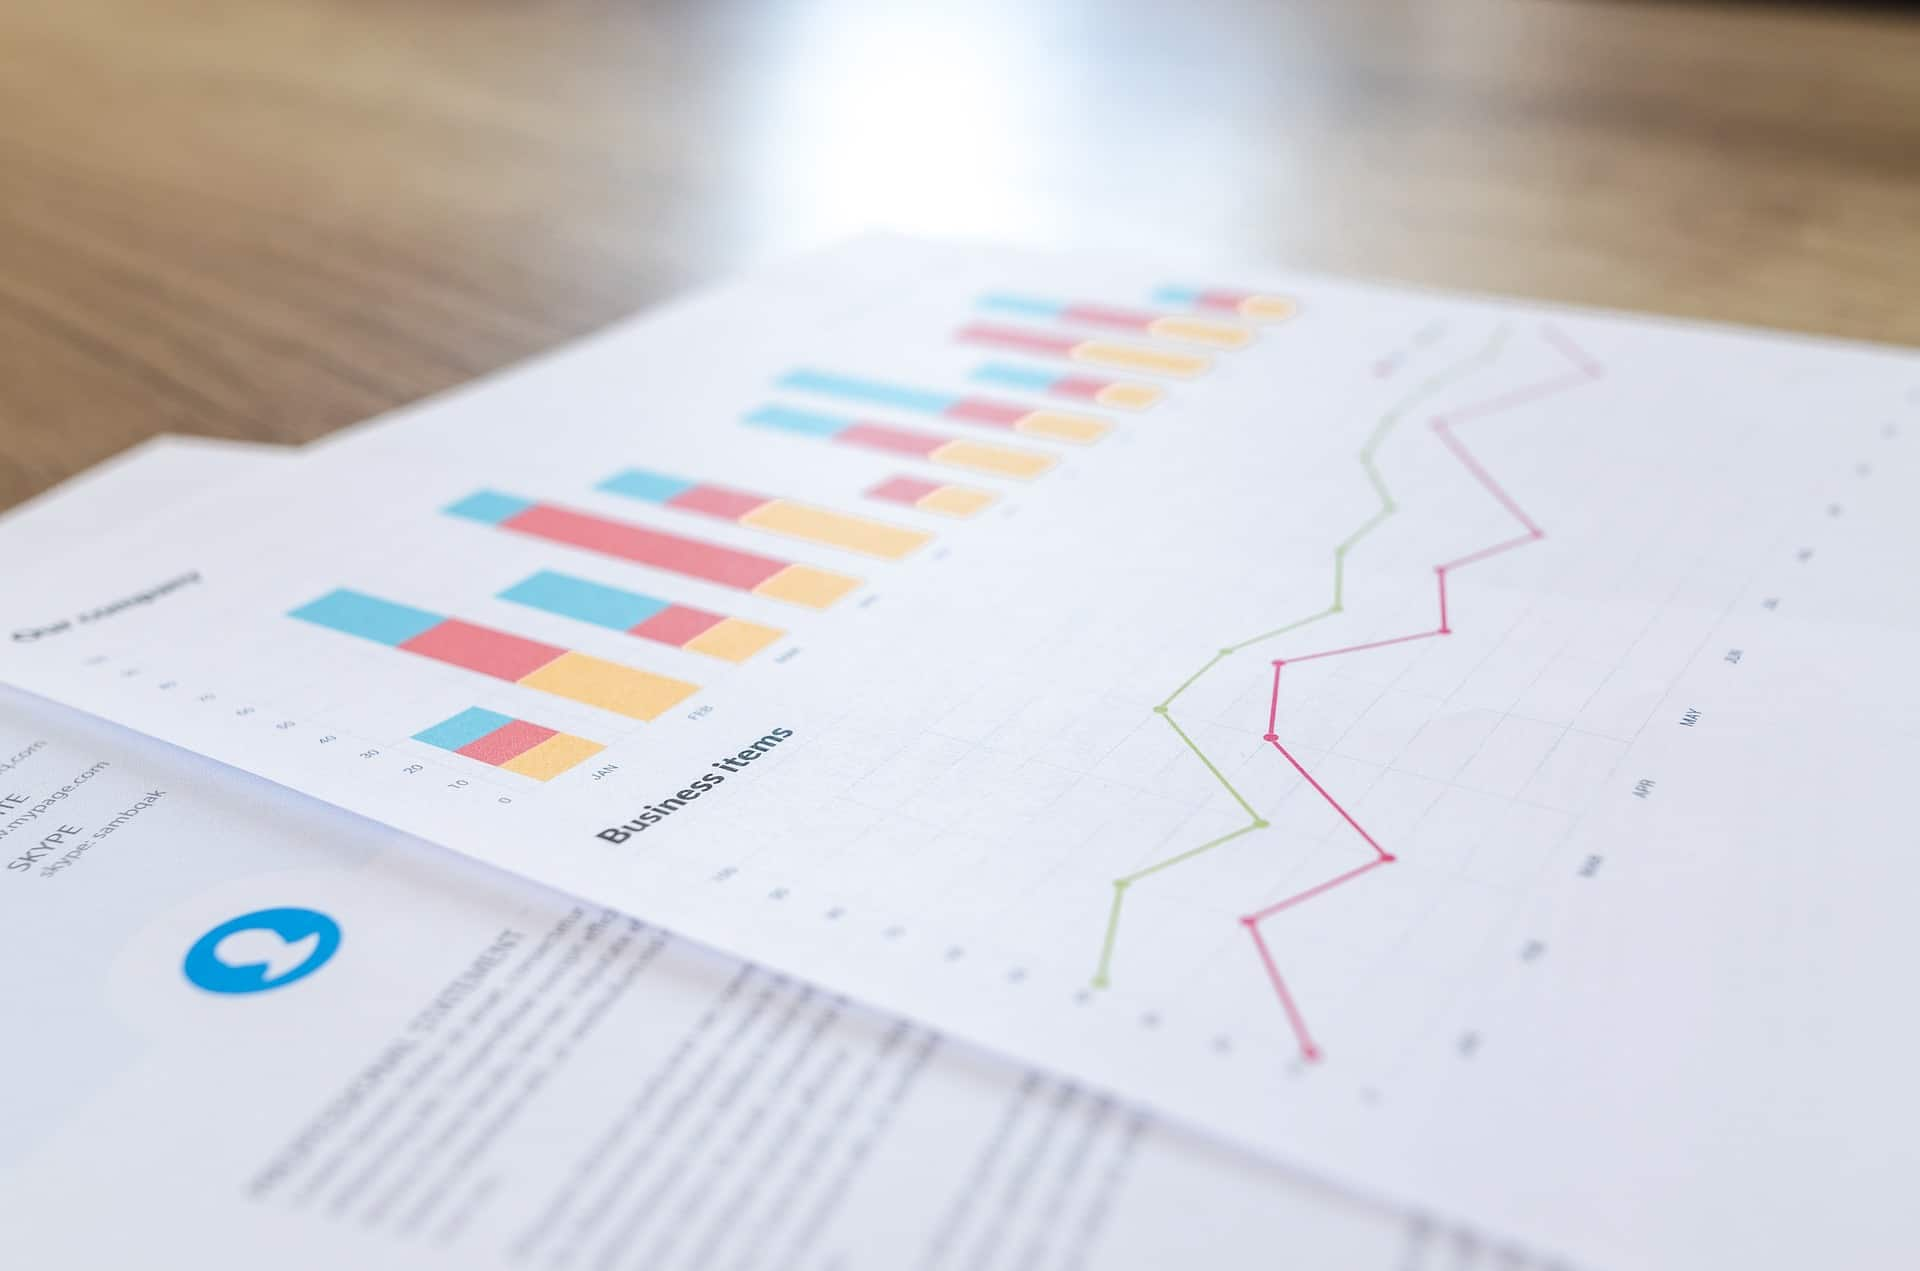 BAROMÈTRE LPI-SELOGER janvier : les tendances des marchés immobiliers à fin décembre 2020